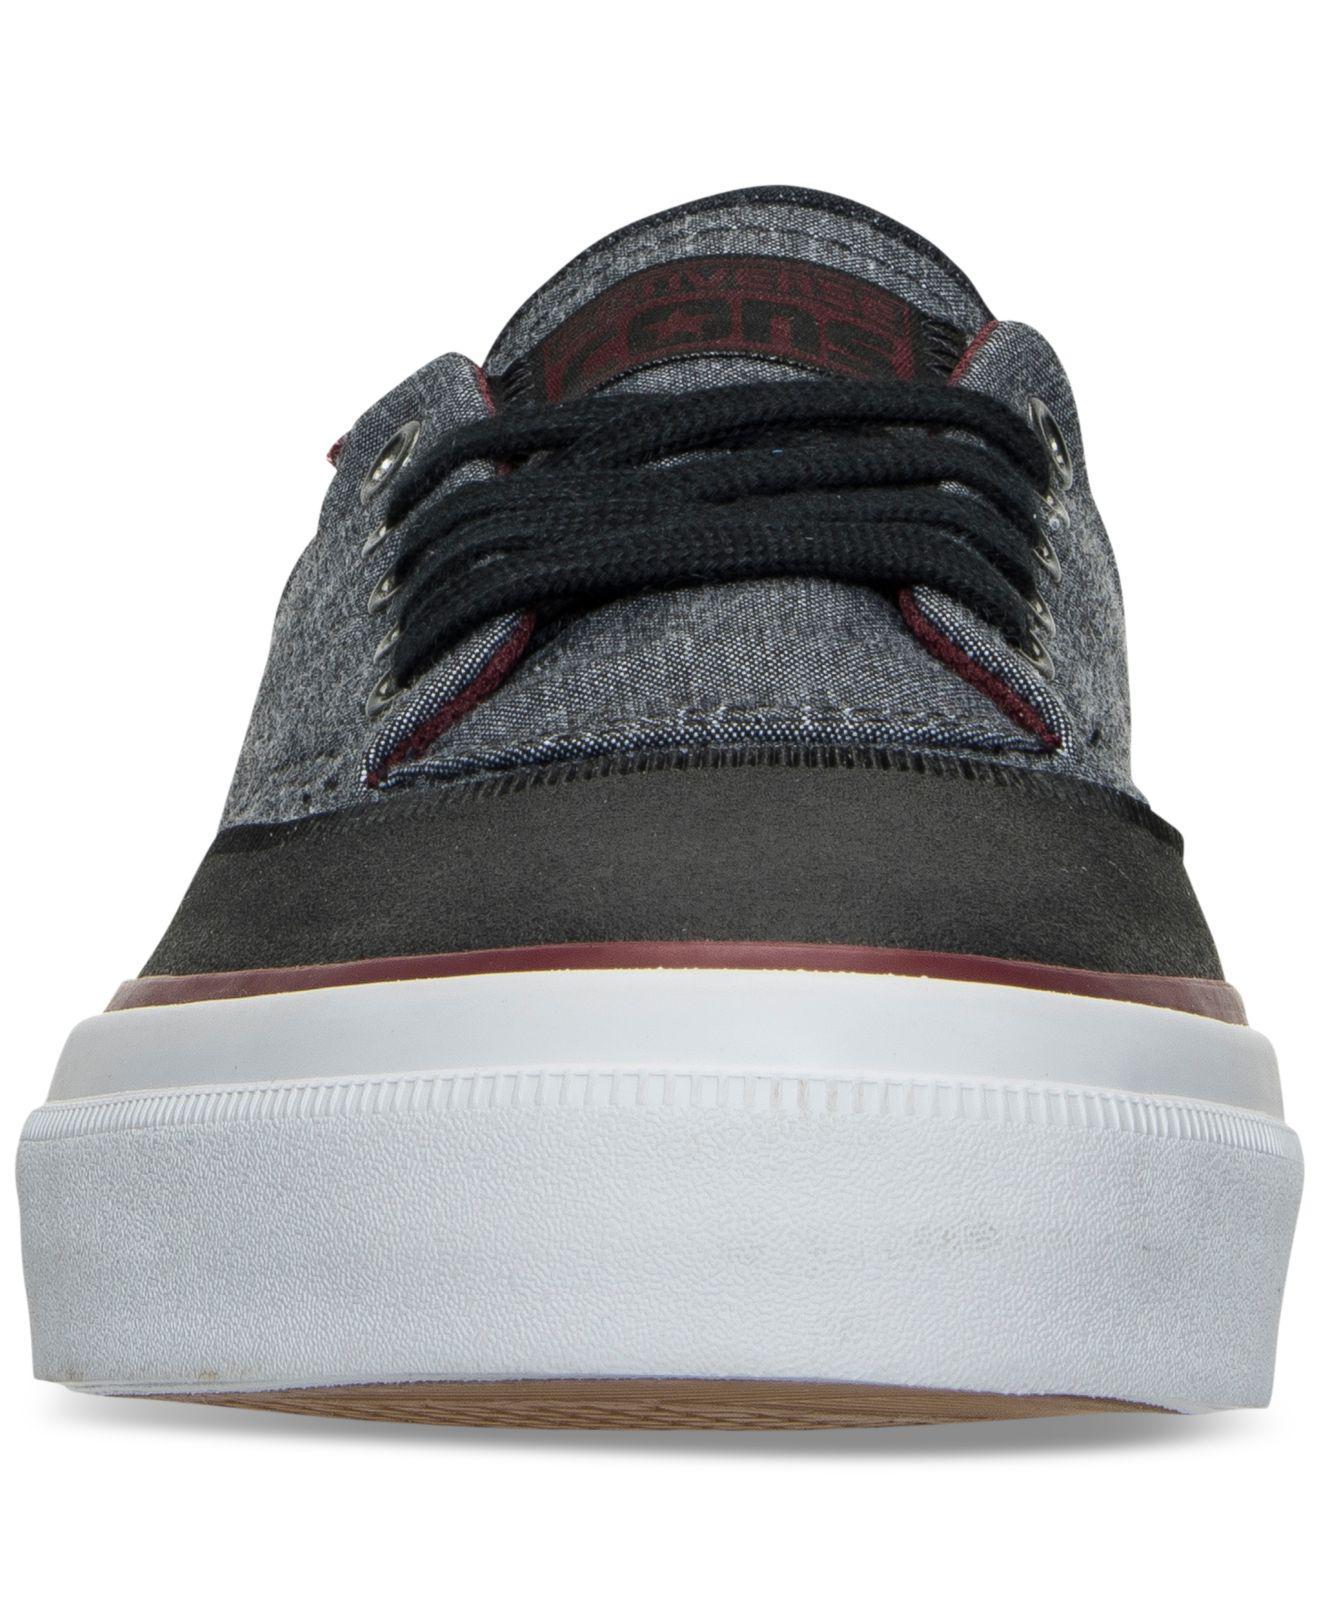 5a74afbf25da3e Lyst - Converse Chuck Taylor All Star Crimson Casual Sneakers From ...